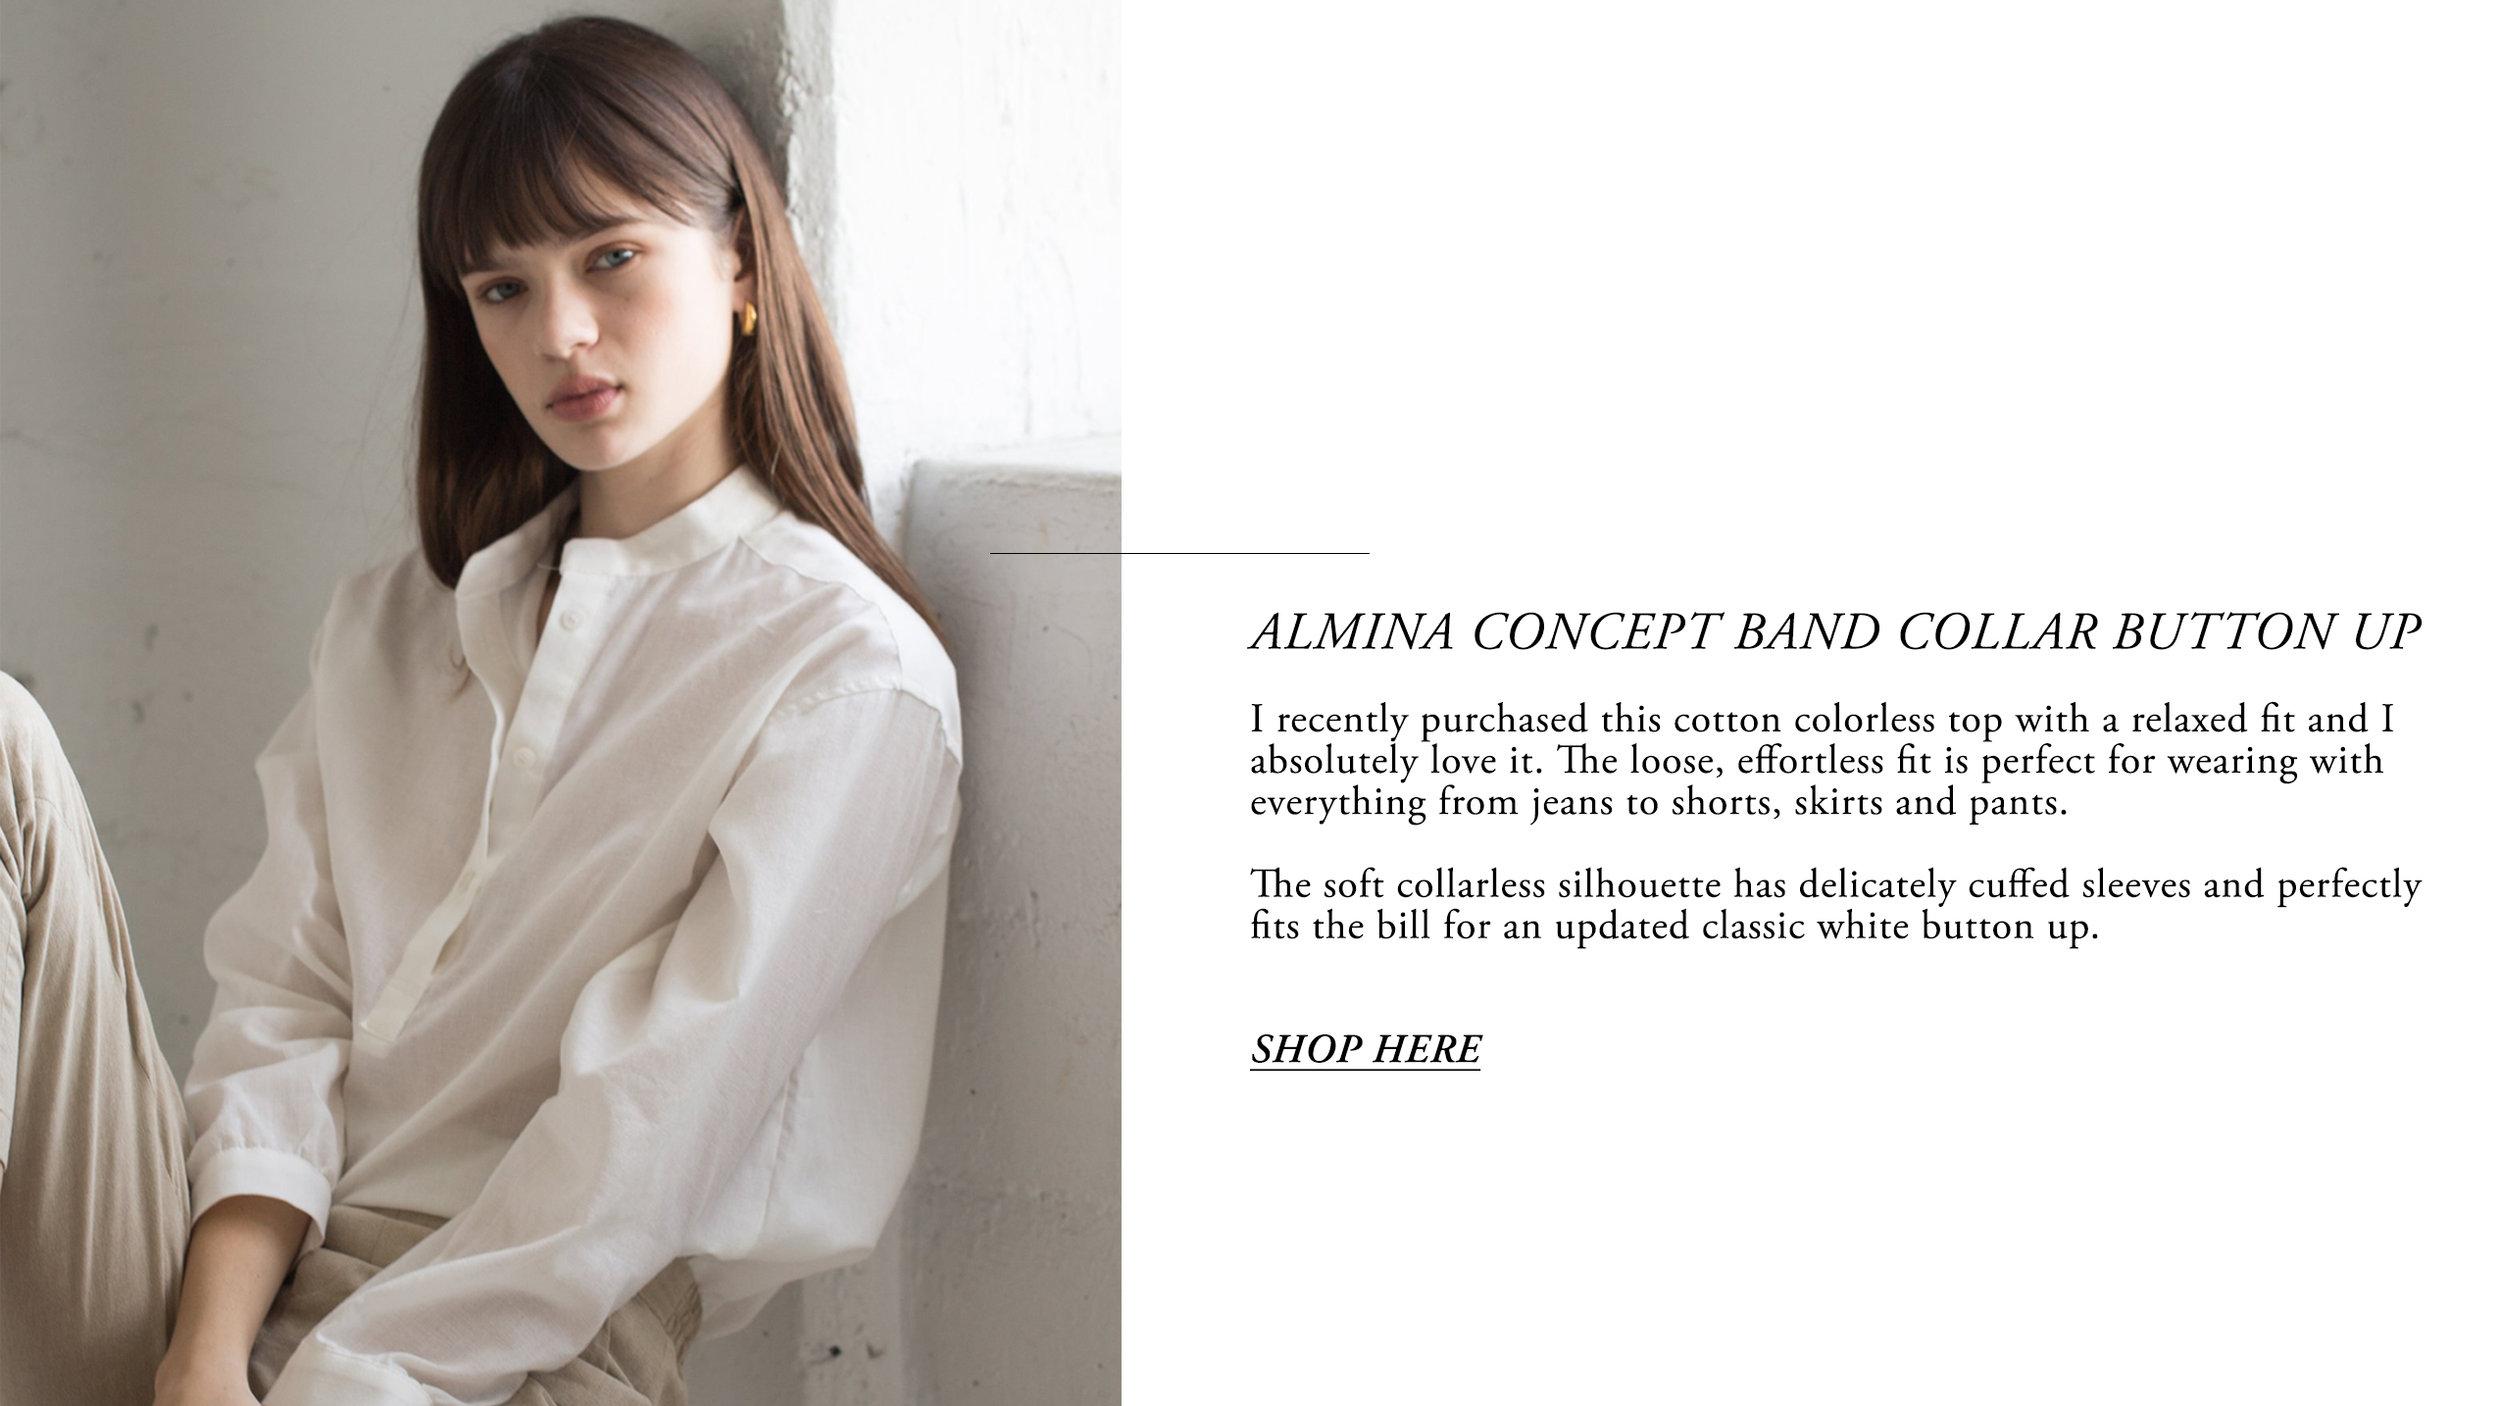 almina-concept-.jpg